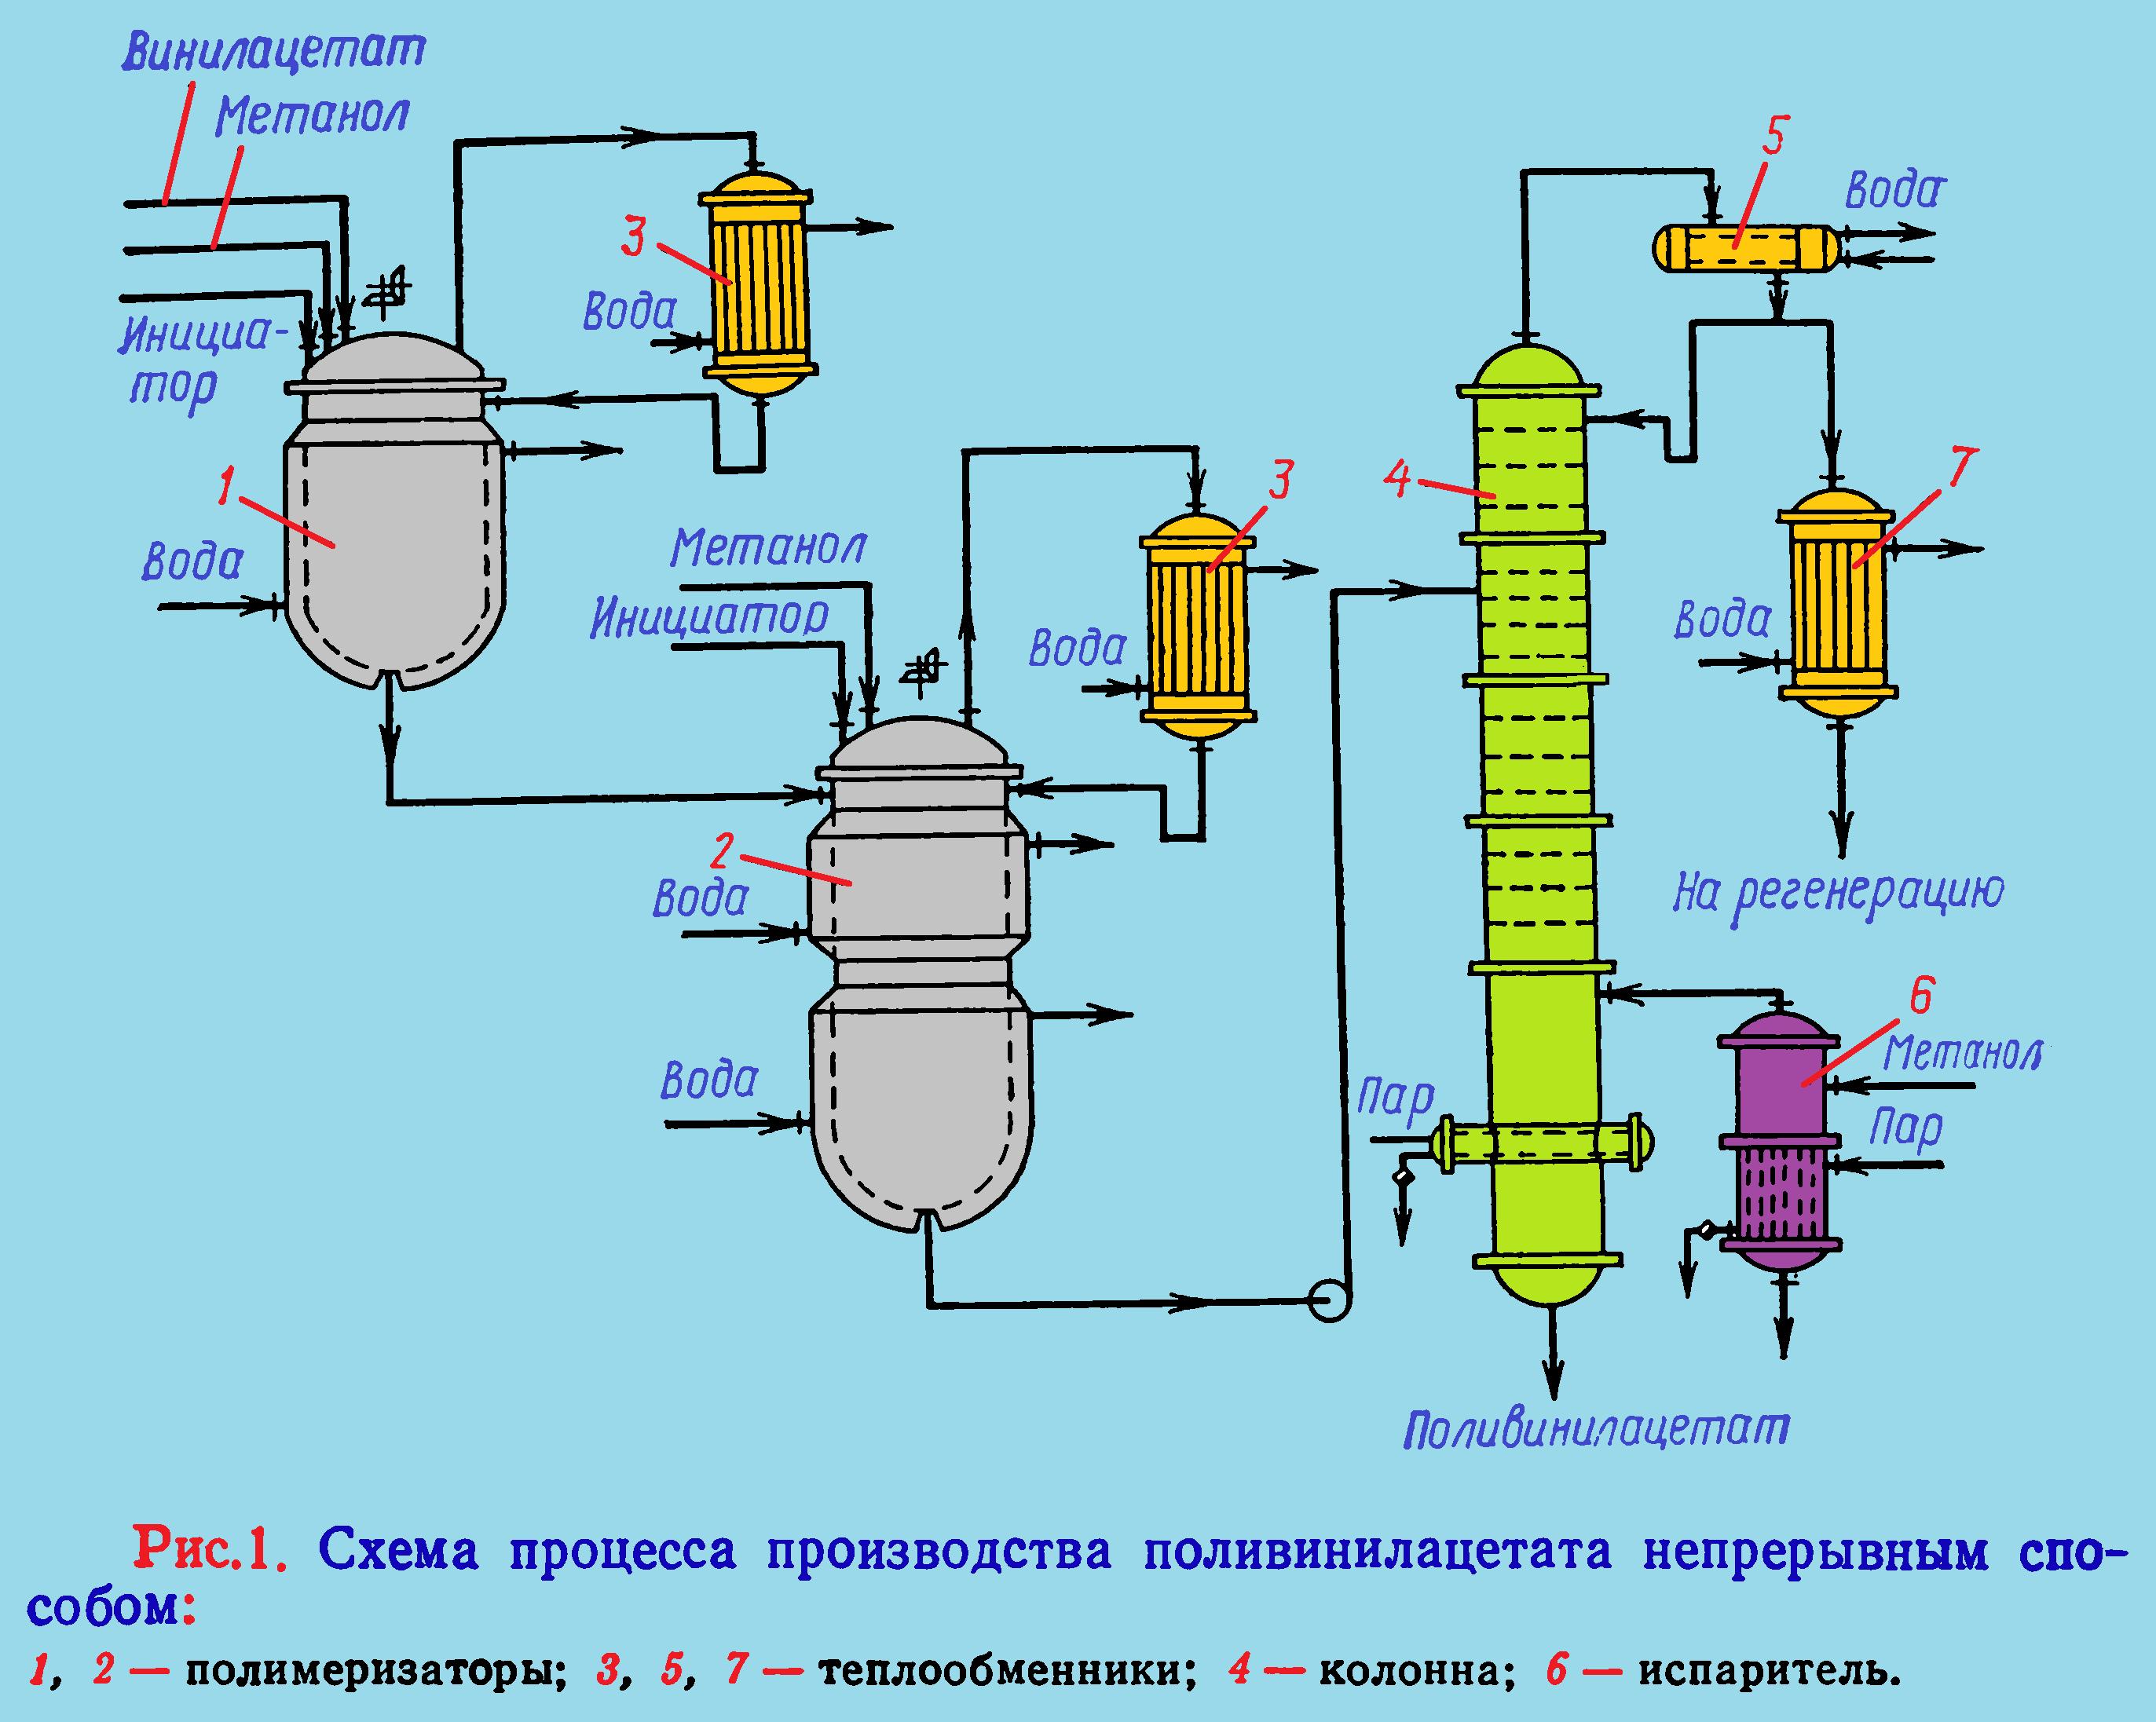 Схема процесса производства полиавинилацетата непрерывным способом